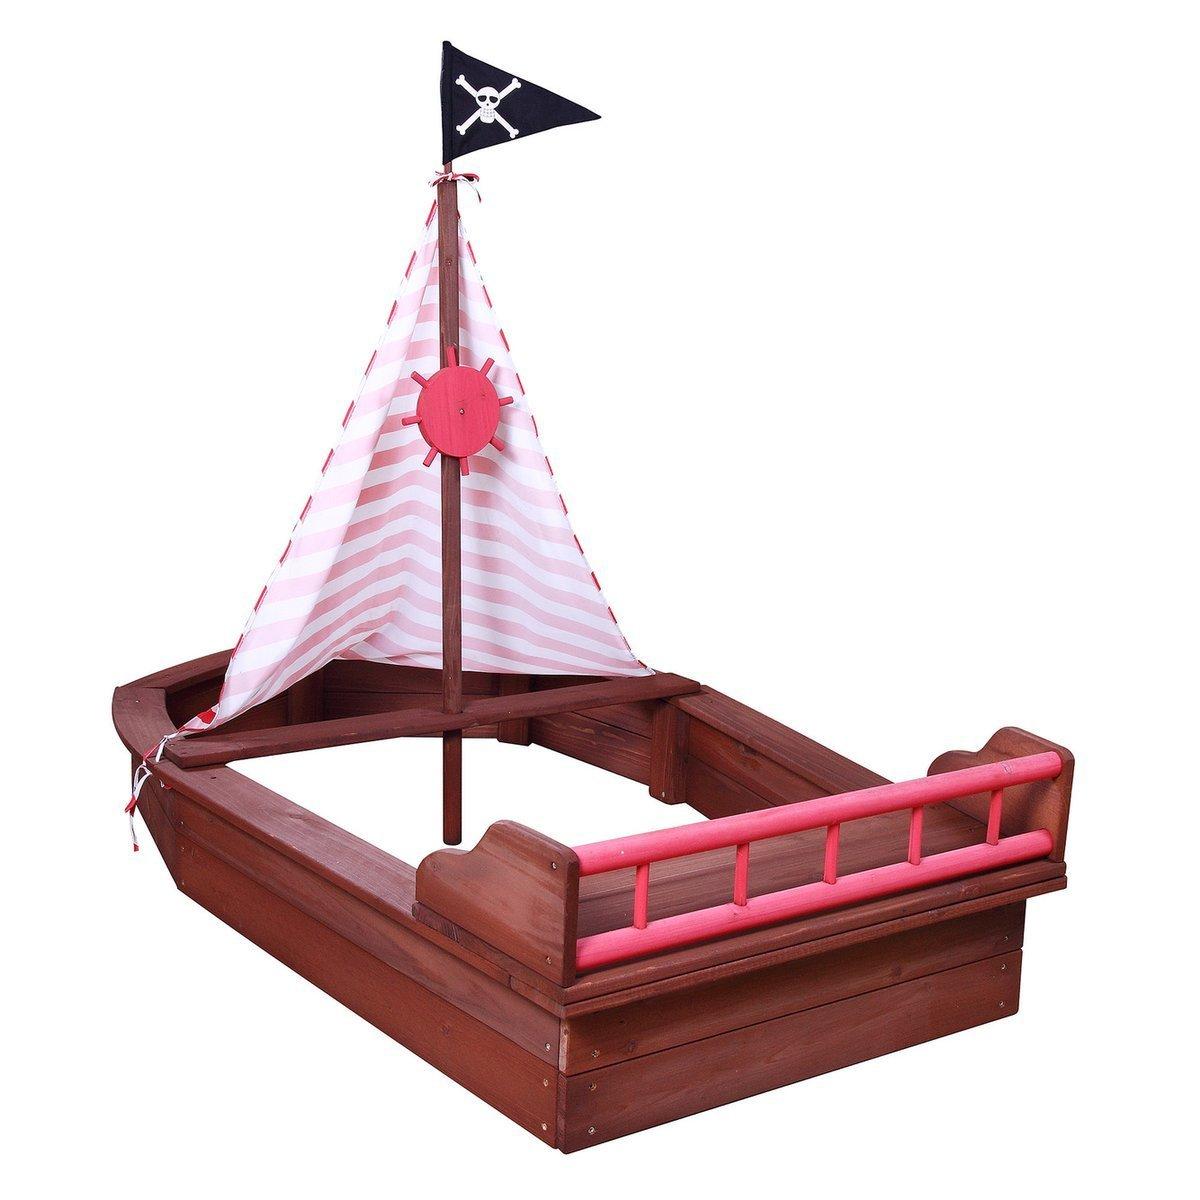 sun sandkasten boot pirat mit sitzbank und ruder sandkasten spass. Black Bedroom Furniture Sets. Home Design Ideas